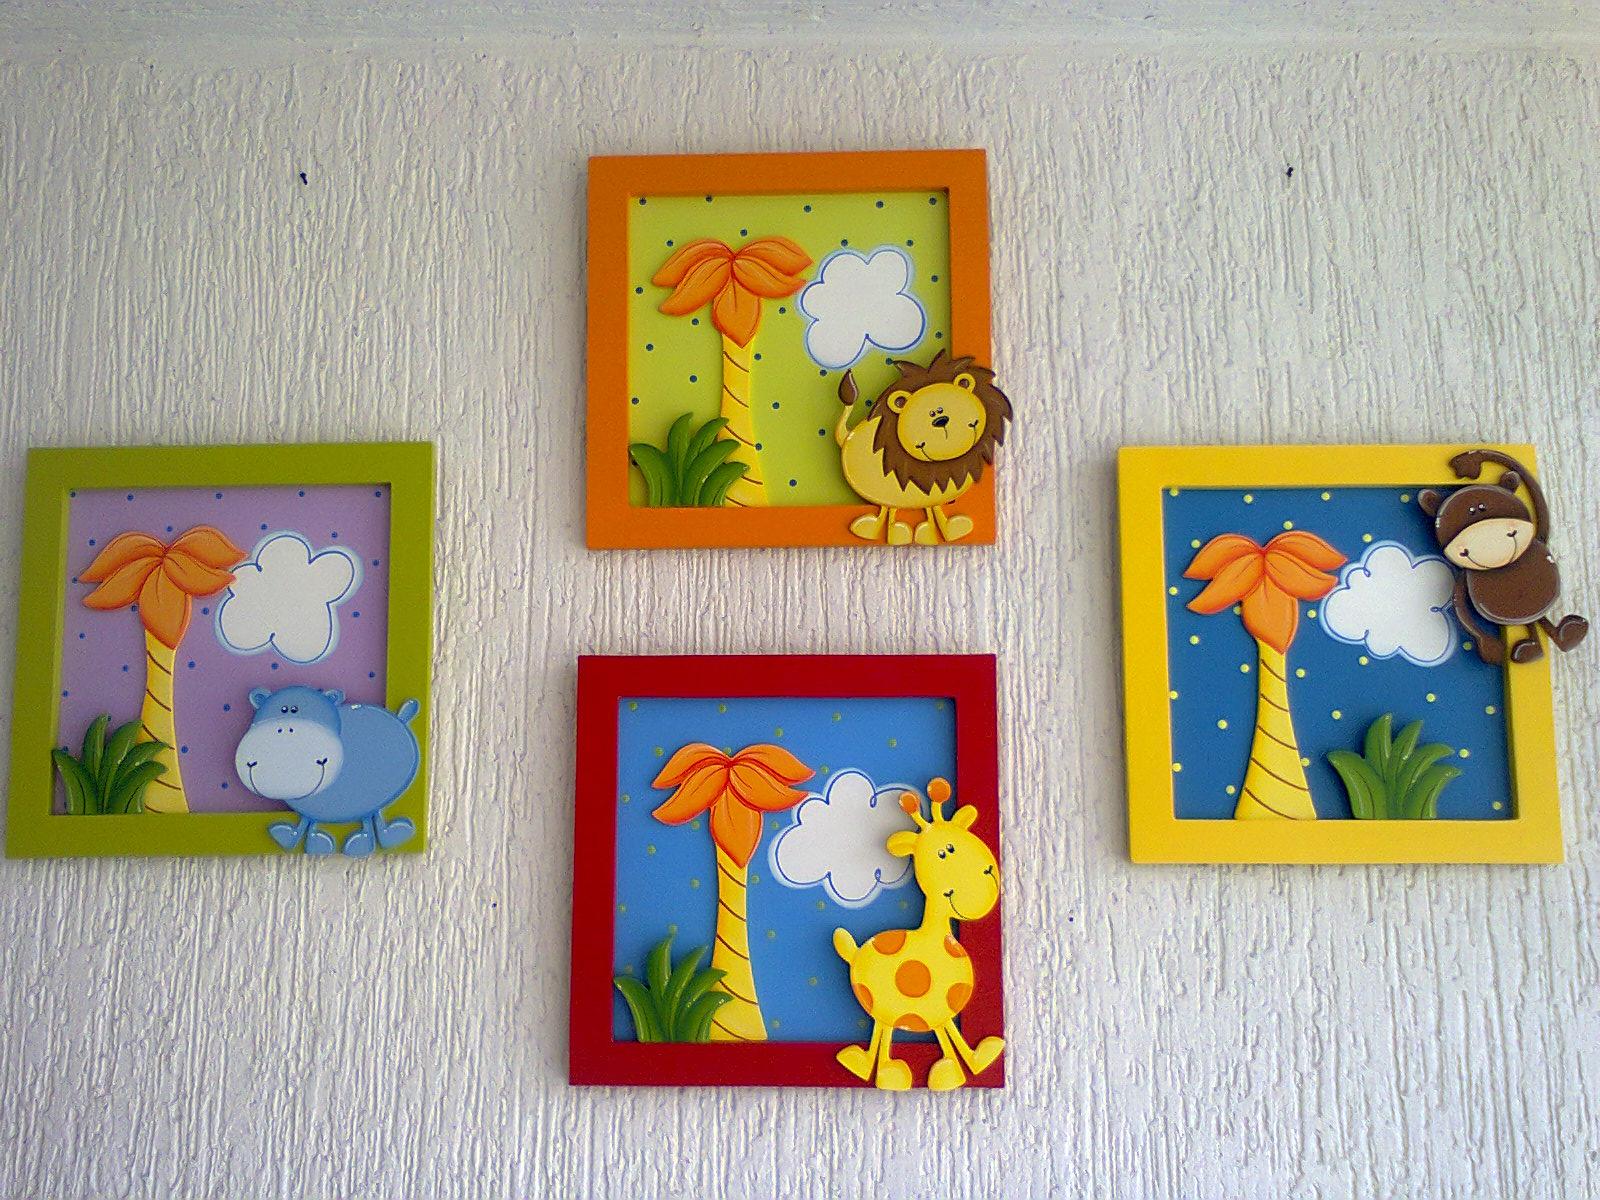 Aventuras country cuadros infantiles - Letras para decorar habitaciones infantiles ...